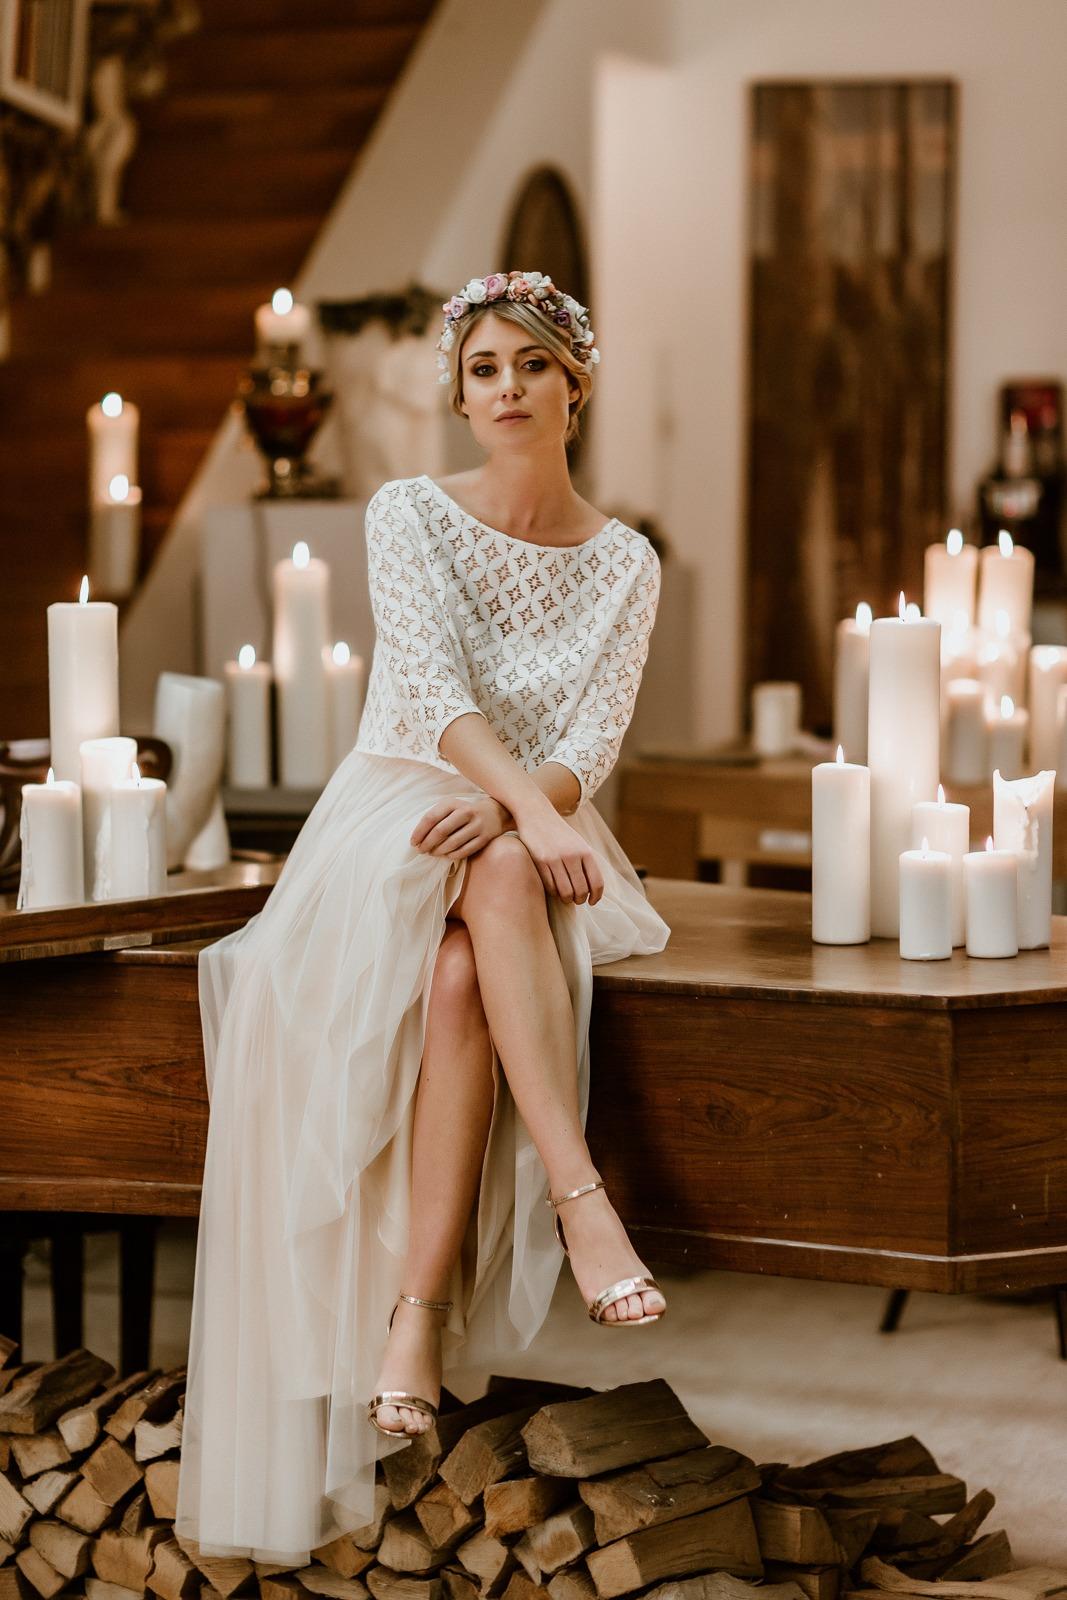 noni Jubiläumskollektion | langes Brautkleid mit Tüllrock in Puderrosa und Spitzentop, Ganzkörperansicht, Modell sitzend (Foto: Le Hai Linh)